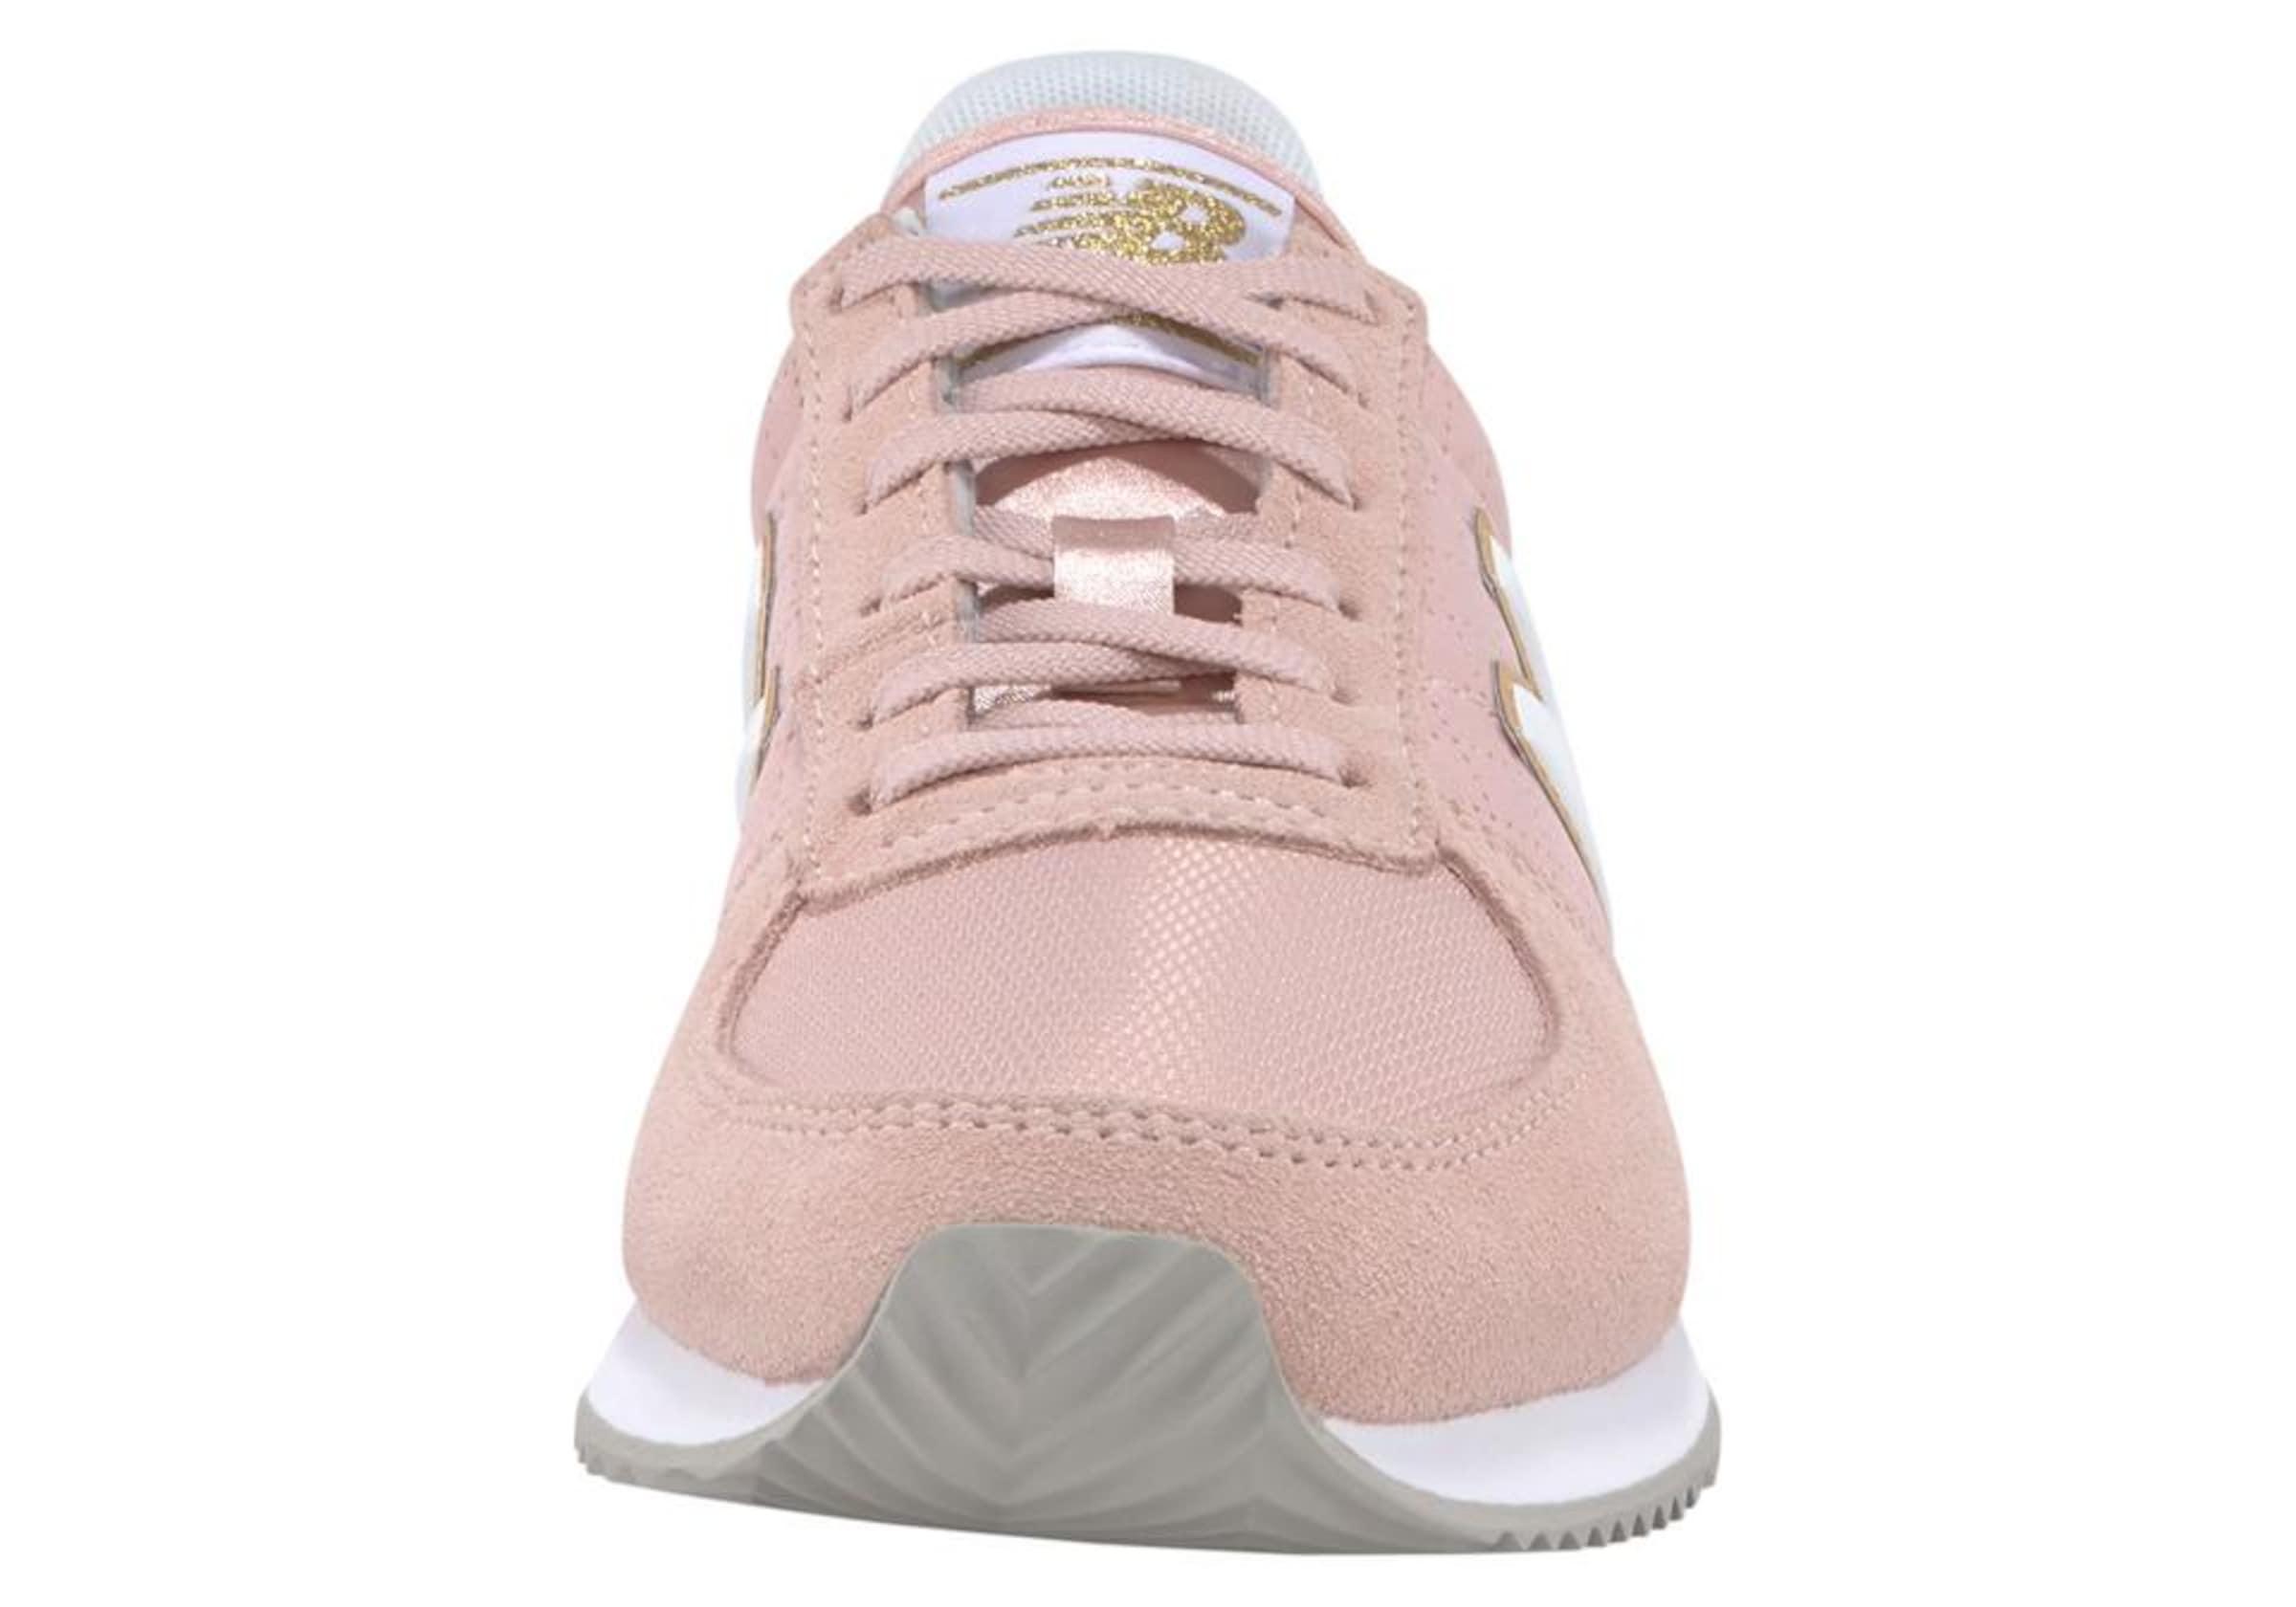 RoséWeiß In New Balance Sneaker 'wl 220' 35ARjL4q